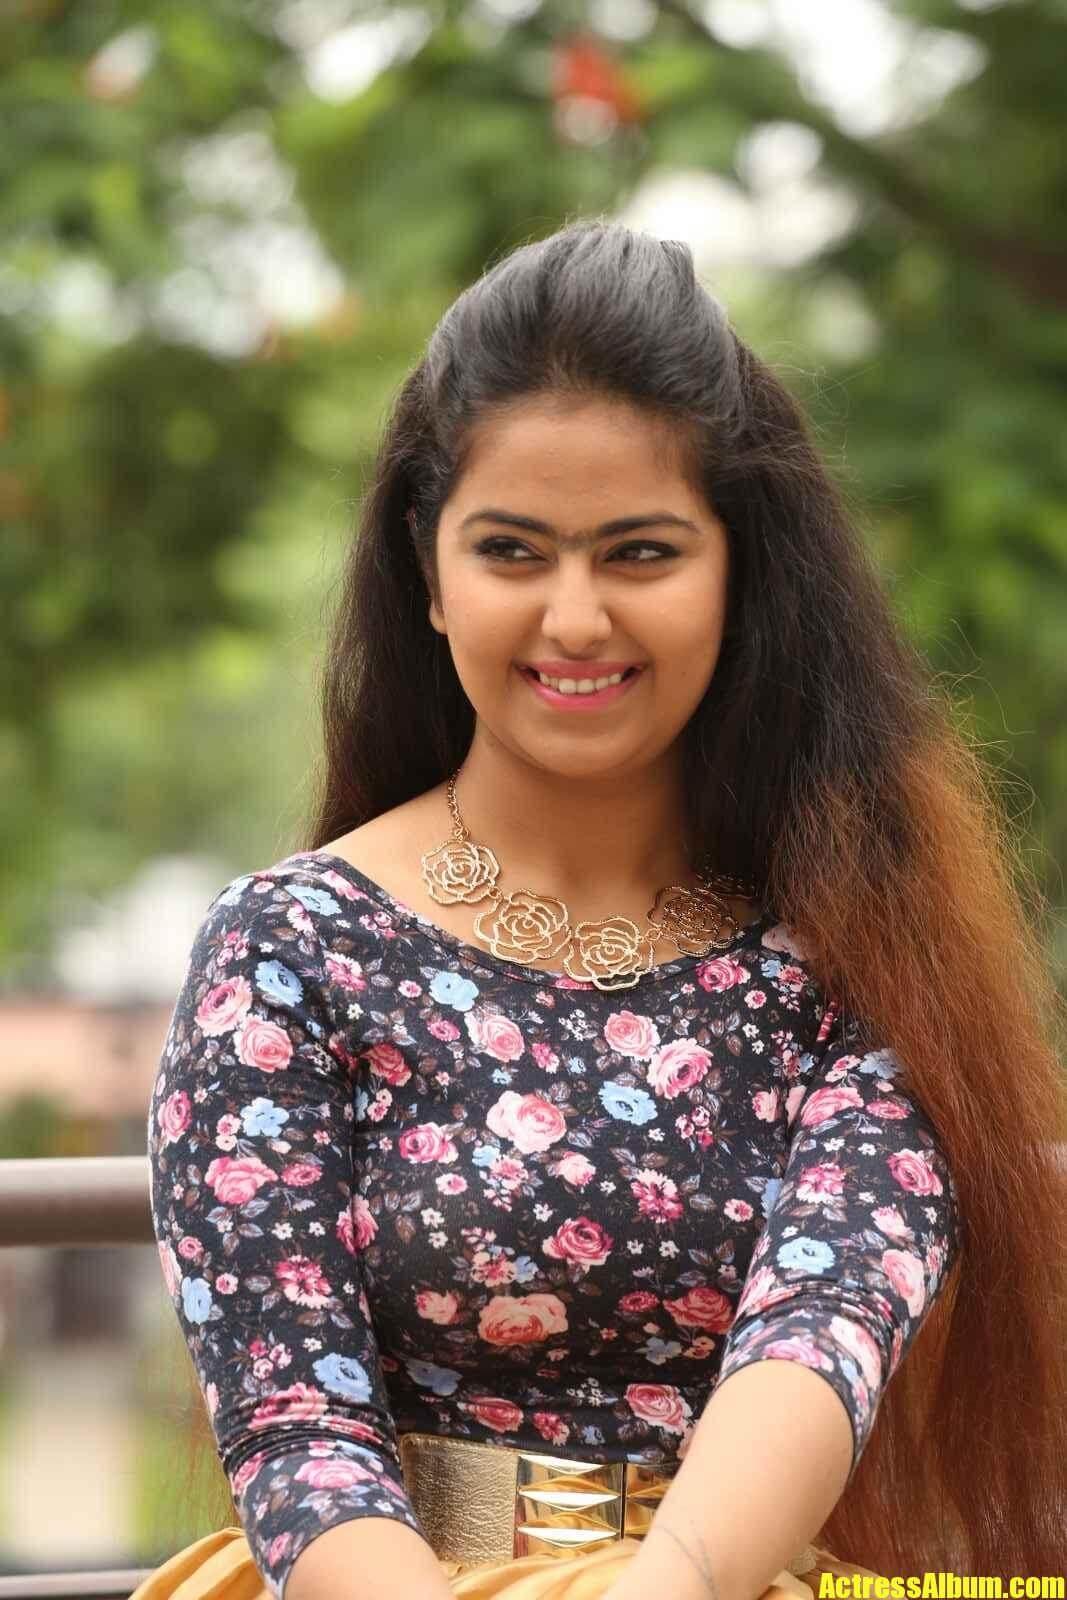 Cute Aishwarya Rai Wallpapers Avika Gor Latest Photos Actress Album